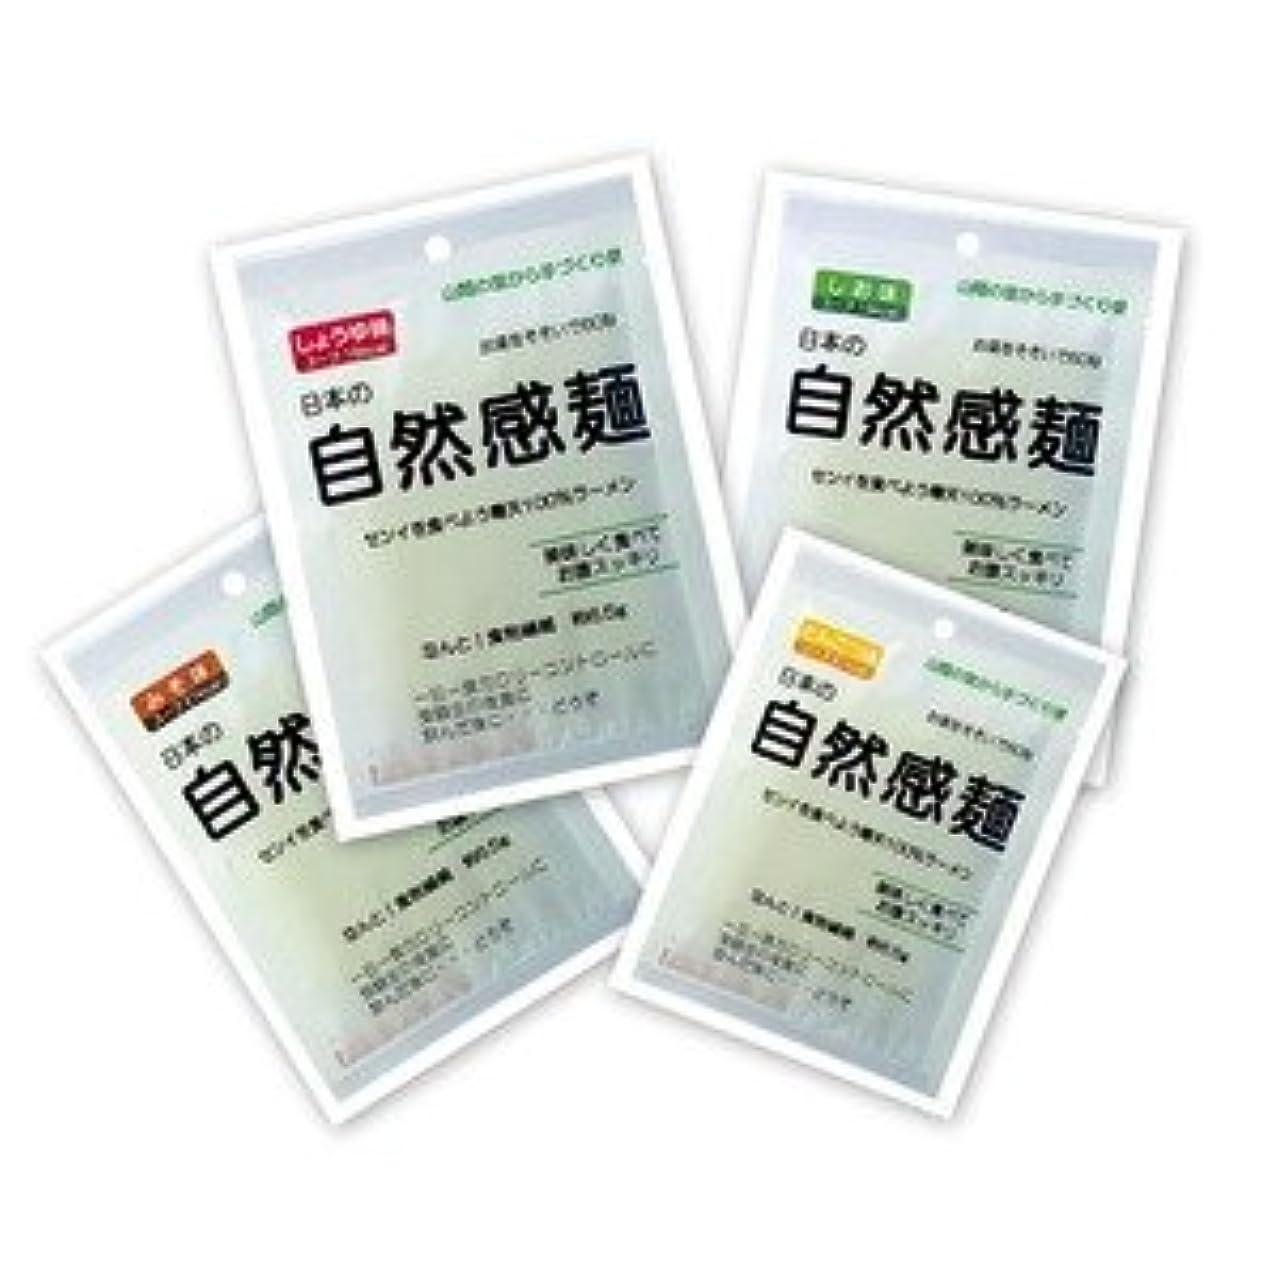 重々しい悪性メタリック自然寒天ラーメン/ダイエット食品 【4味5食セット】 しょうゆ味?みそ味?しお味?とんこつ味 日本製